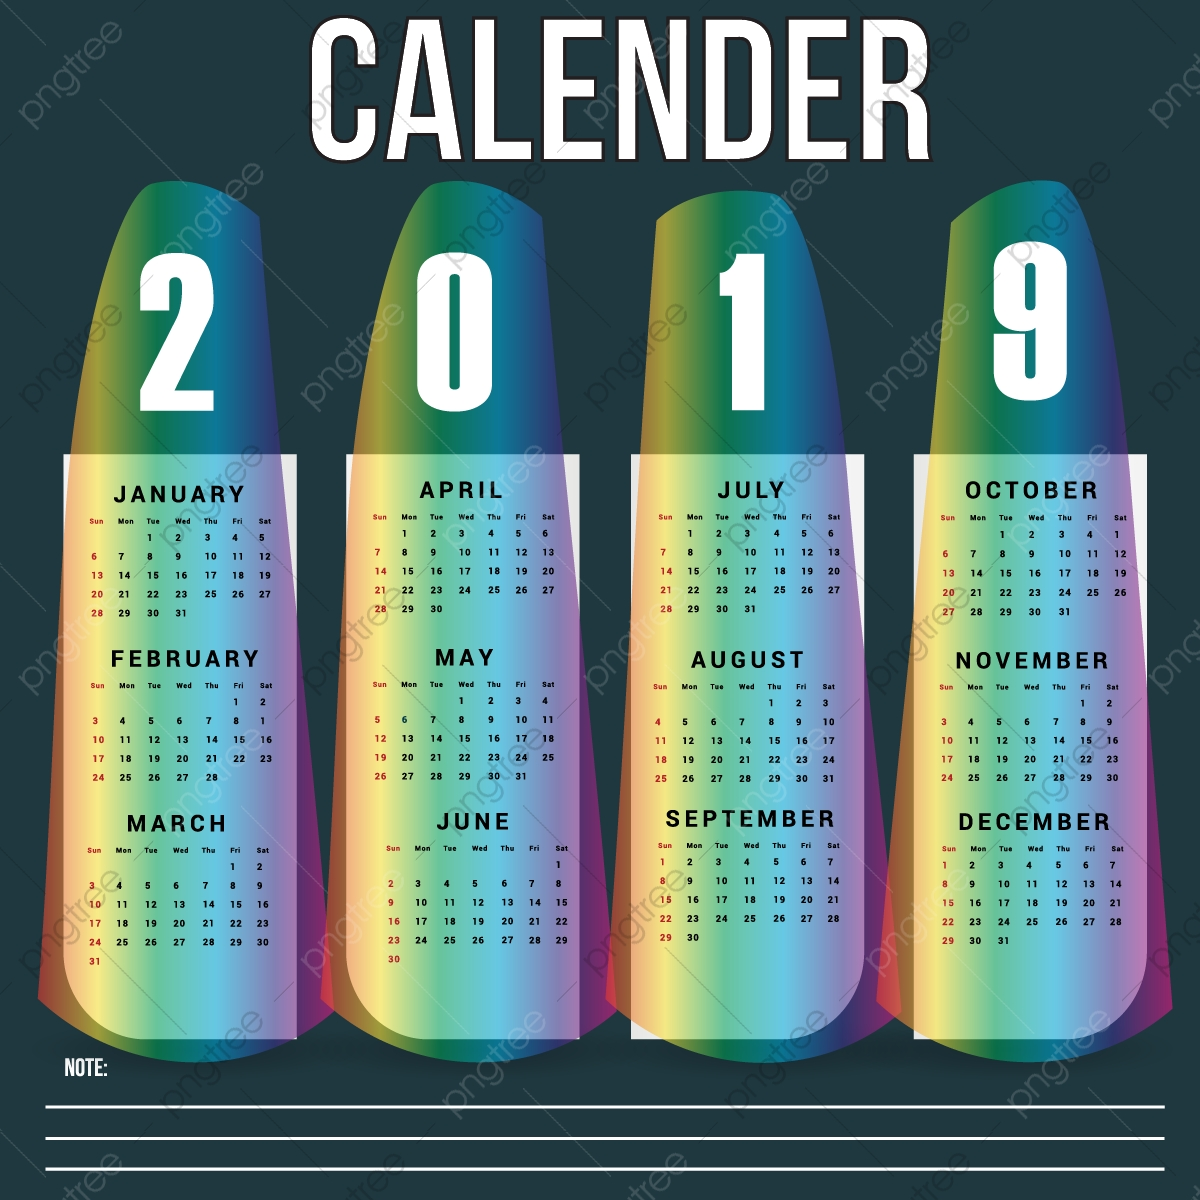 Calendario Rainbow.Calendario De Parede Rainbow Modelo De 2019vector Design